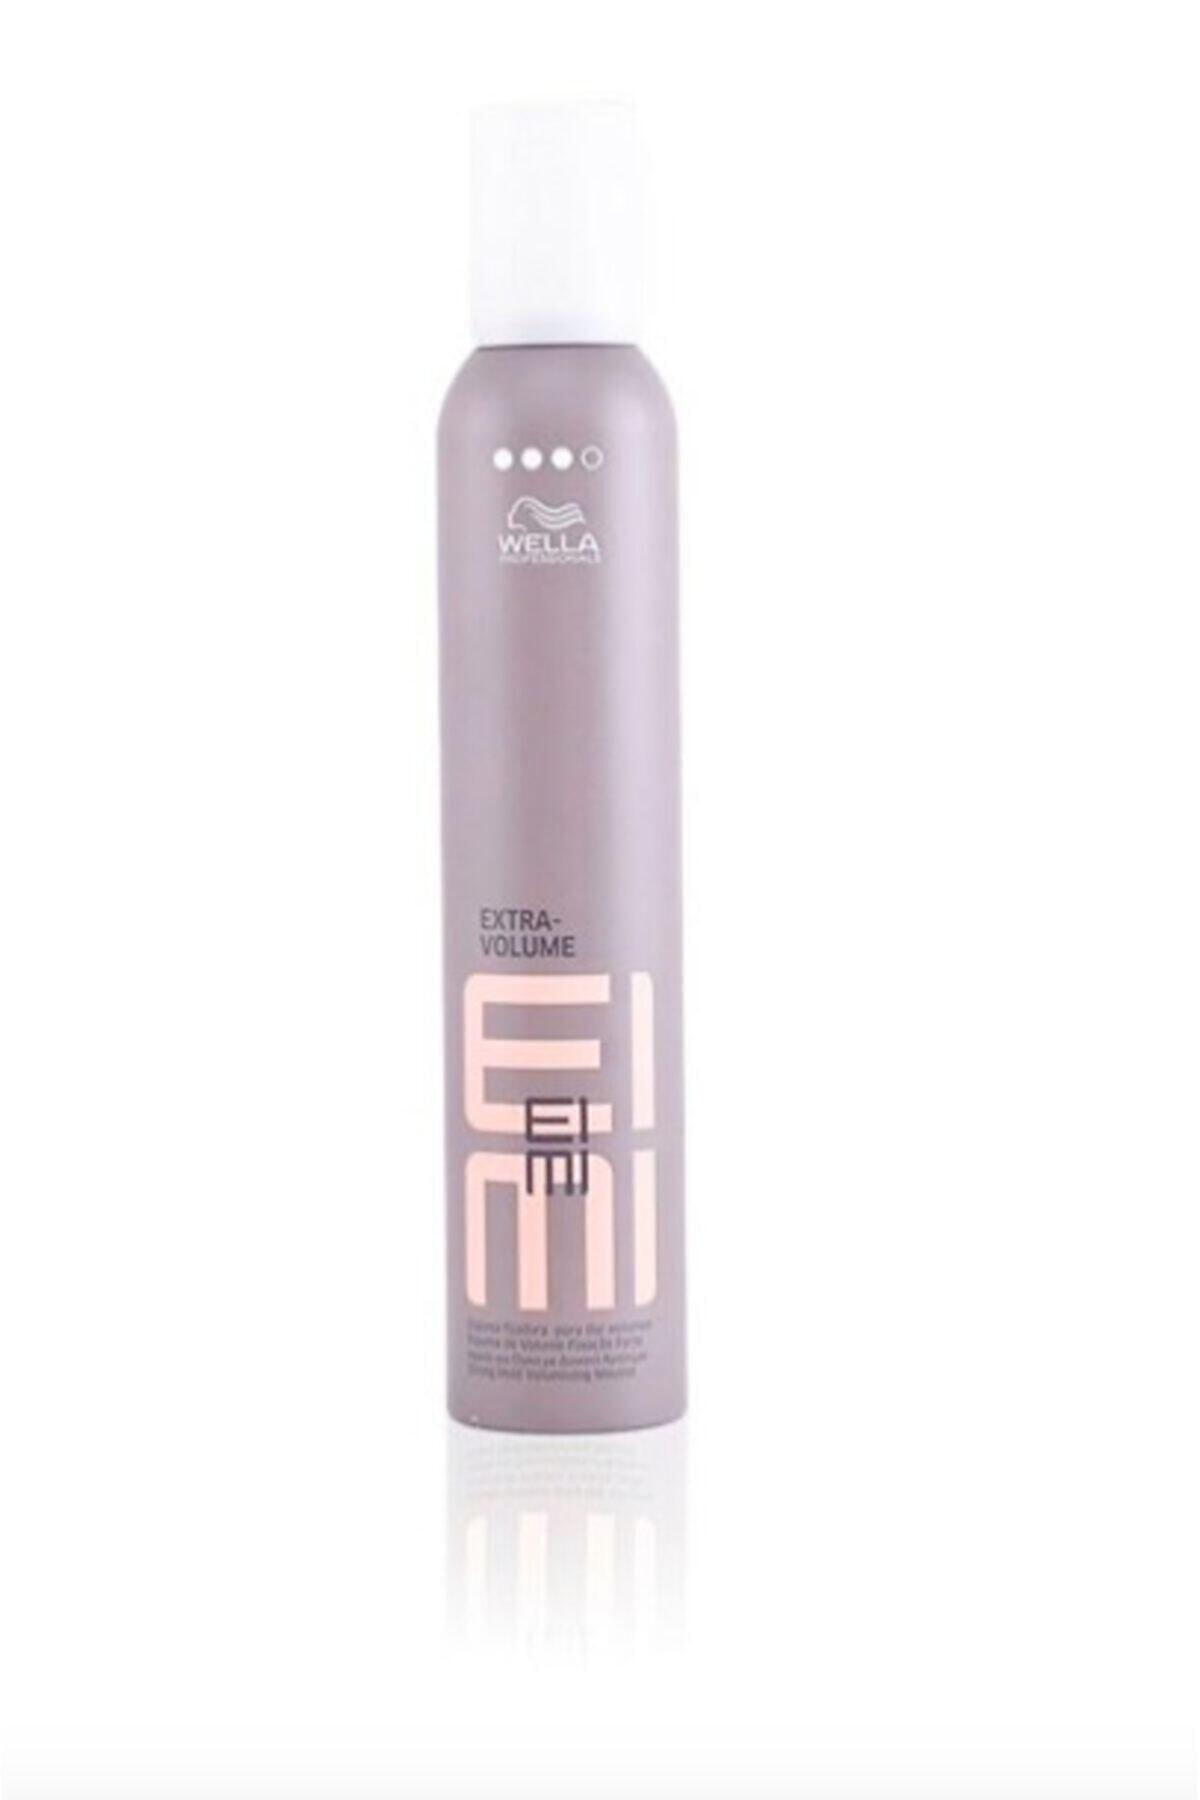 Wella Eımı Extra Volume Güçlü Tutuşlu Hacim Veren Saç Şekillendirici Köpük 300 Ml 8005610532509 1